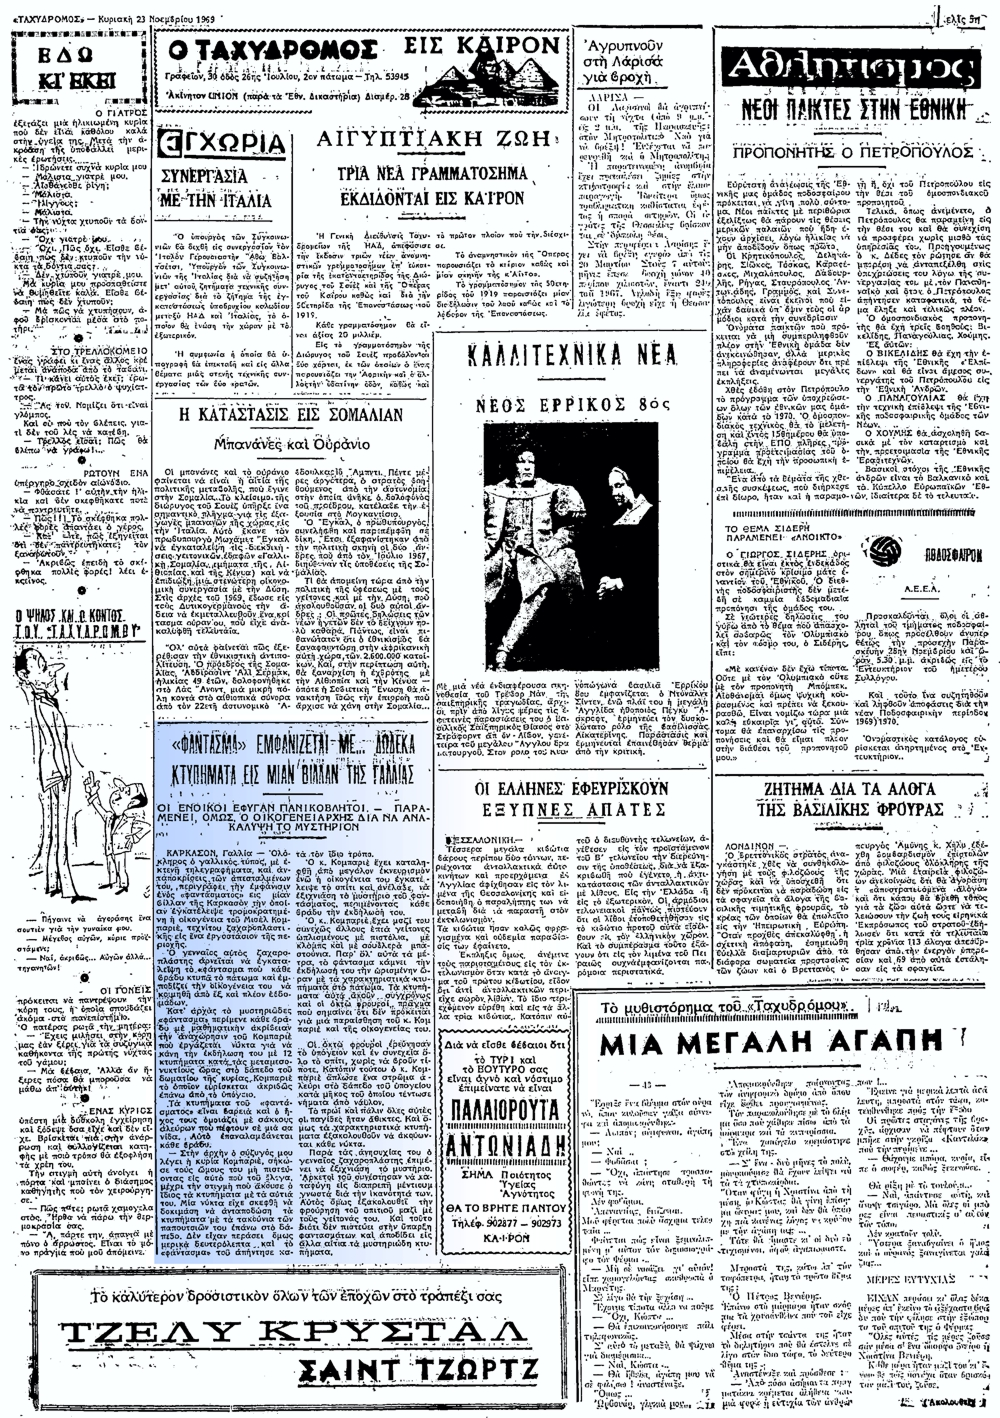 """Το άρθρο, όπως δημοσιεύθηκε στην εφημερίδα """"ΤΑΧΥΔΡΟΜΟΣ"""", στις 23/11/1969"""